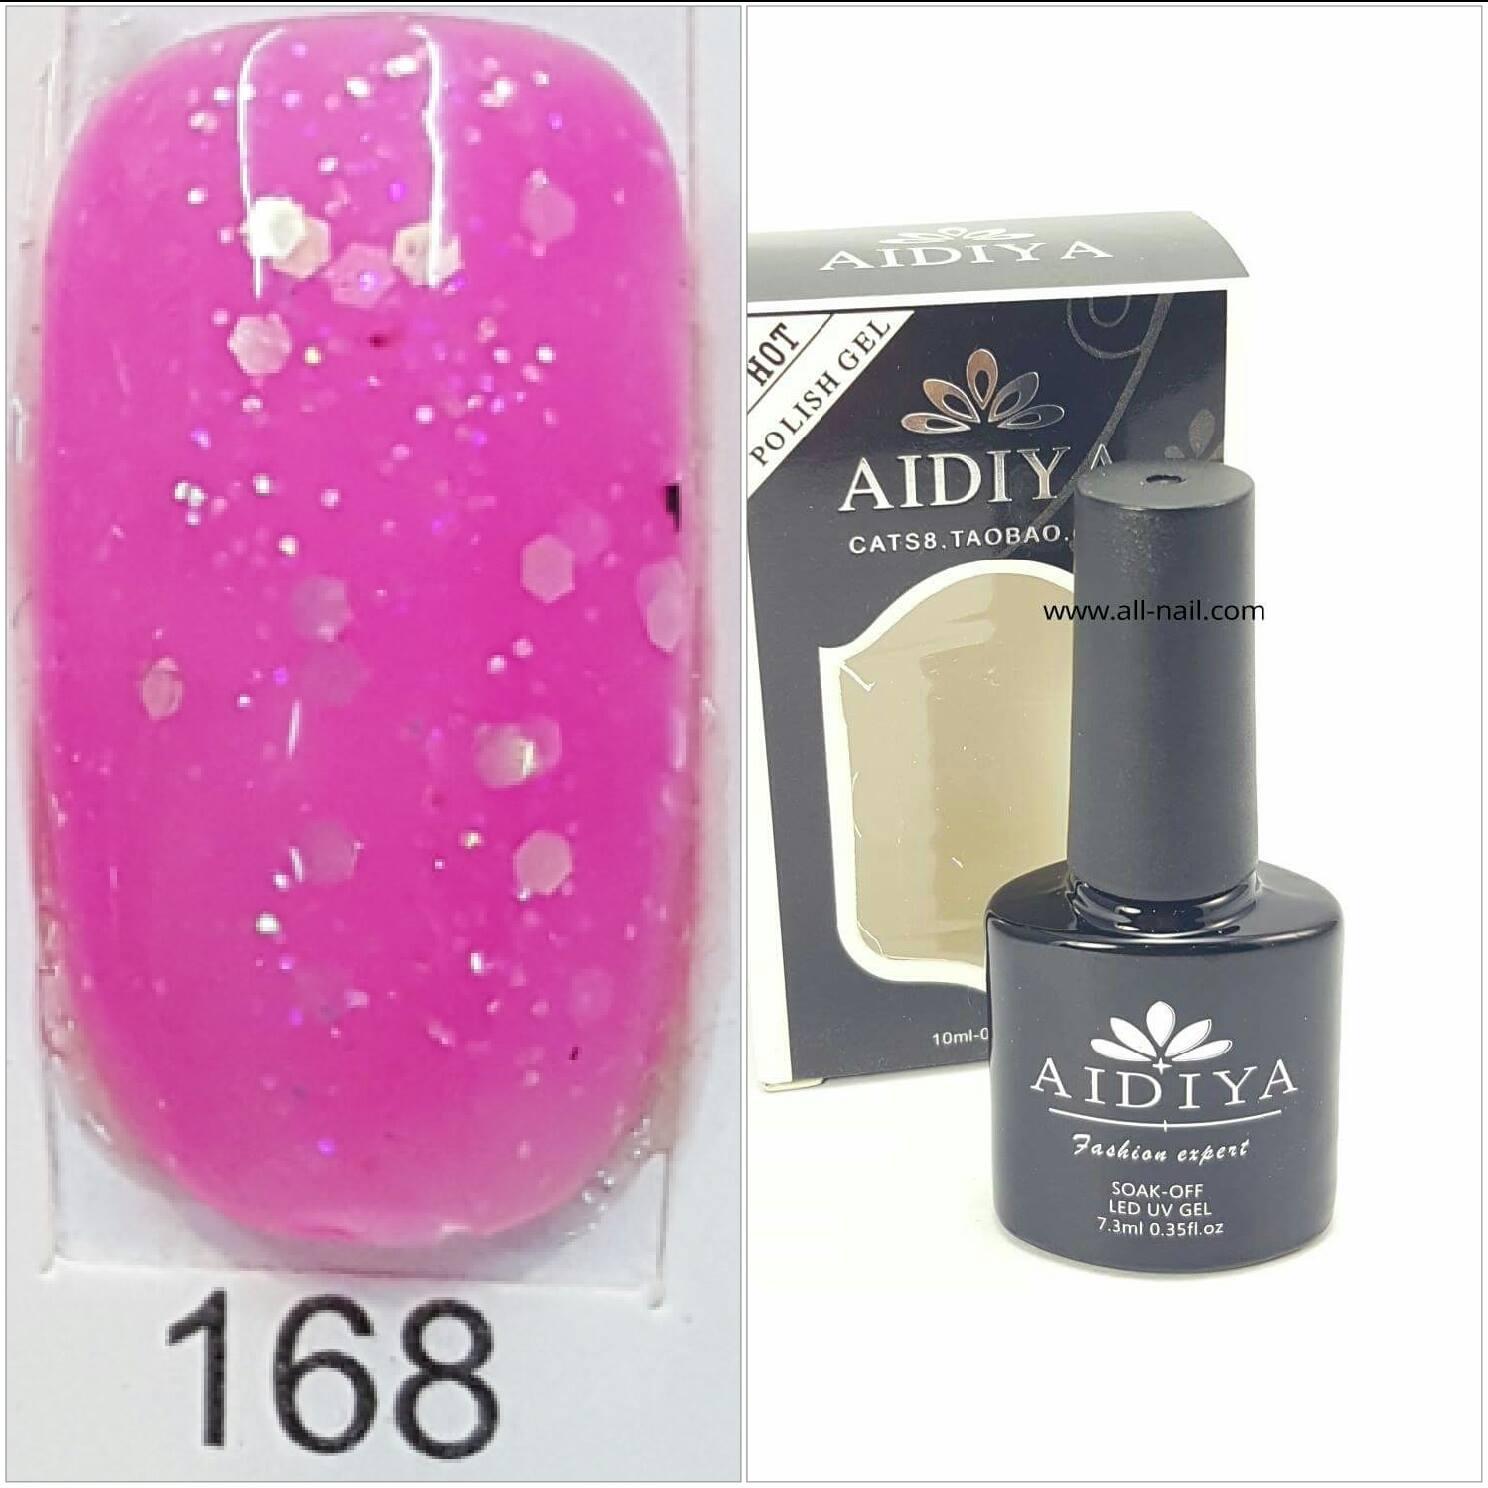 สีเจลทาเล็บ AIDIYA #168